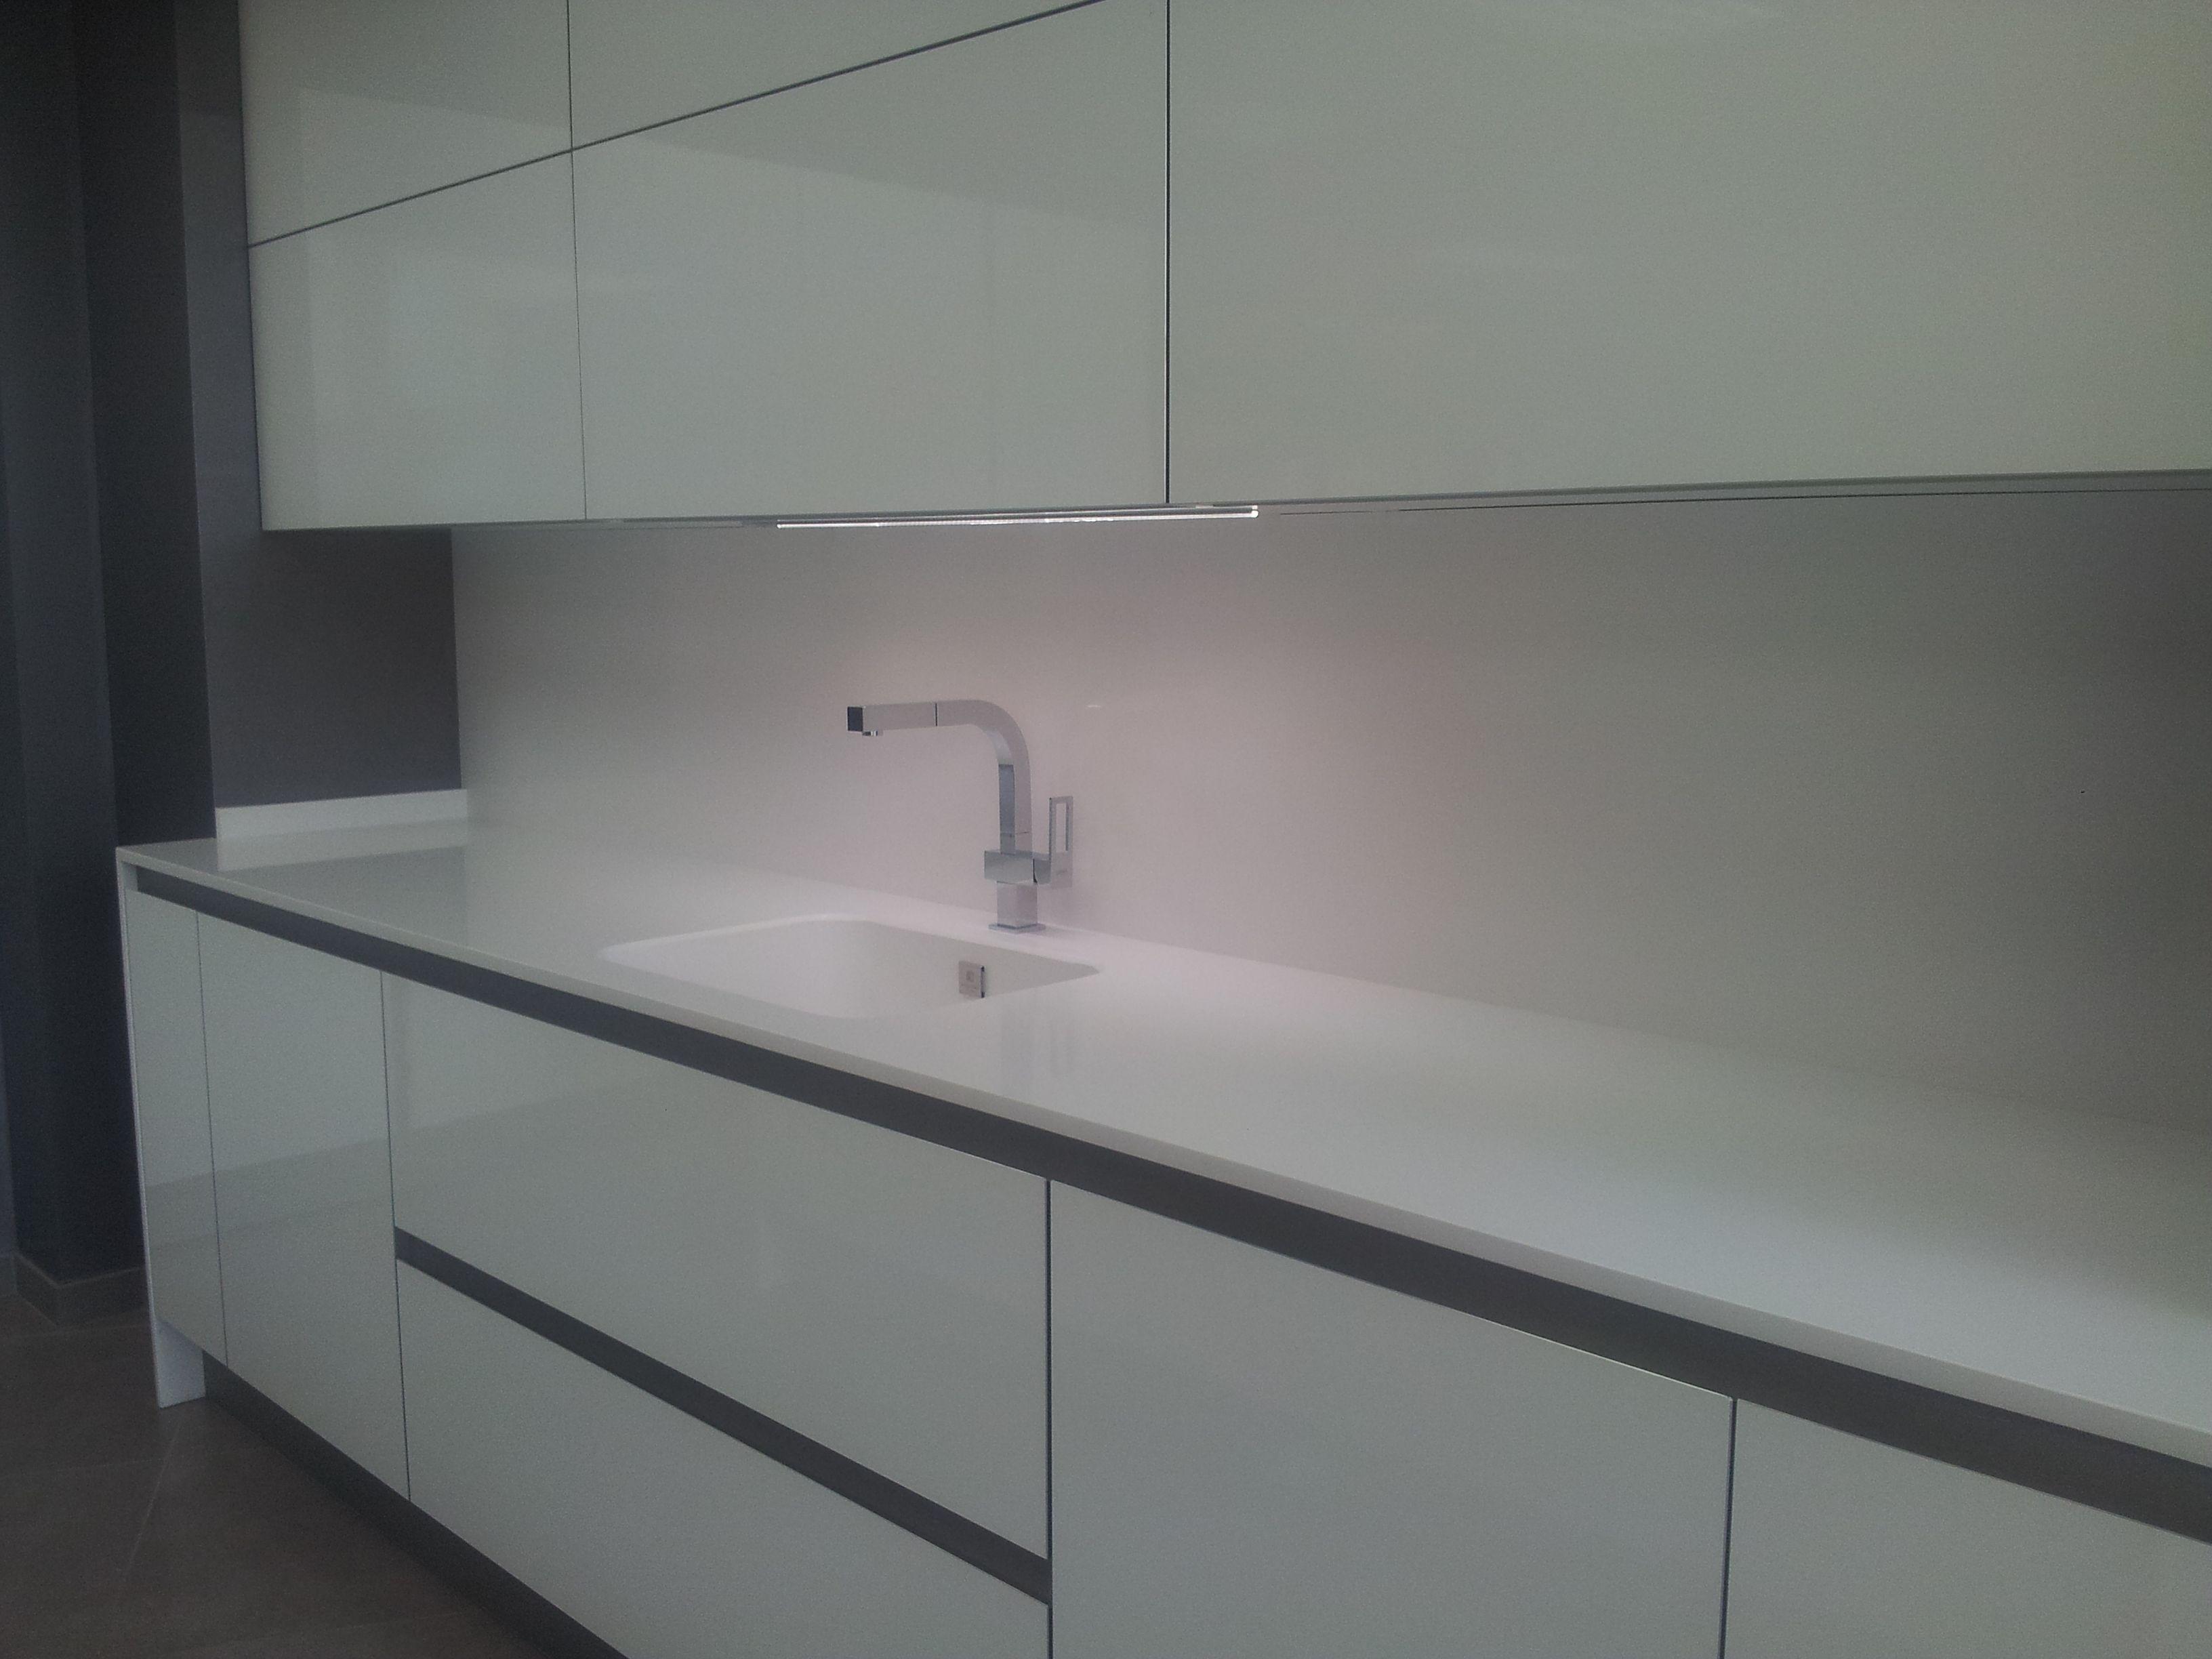 Encimera de cocina en Silestone Blanco Zeus con fregadero